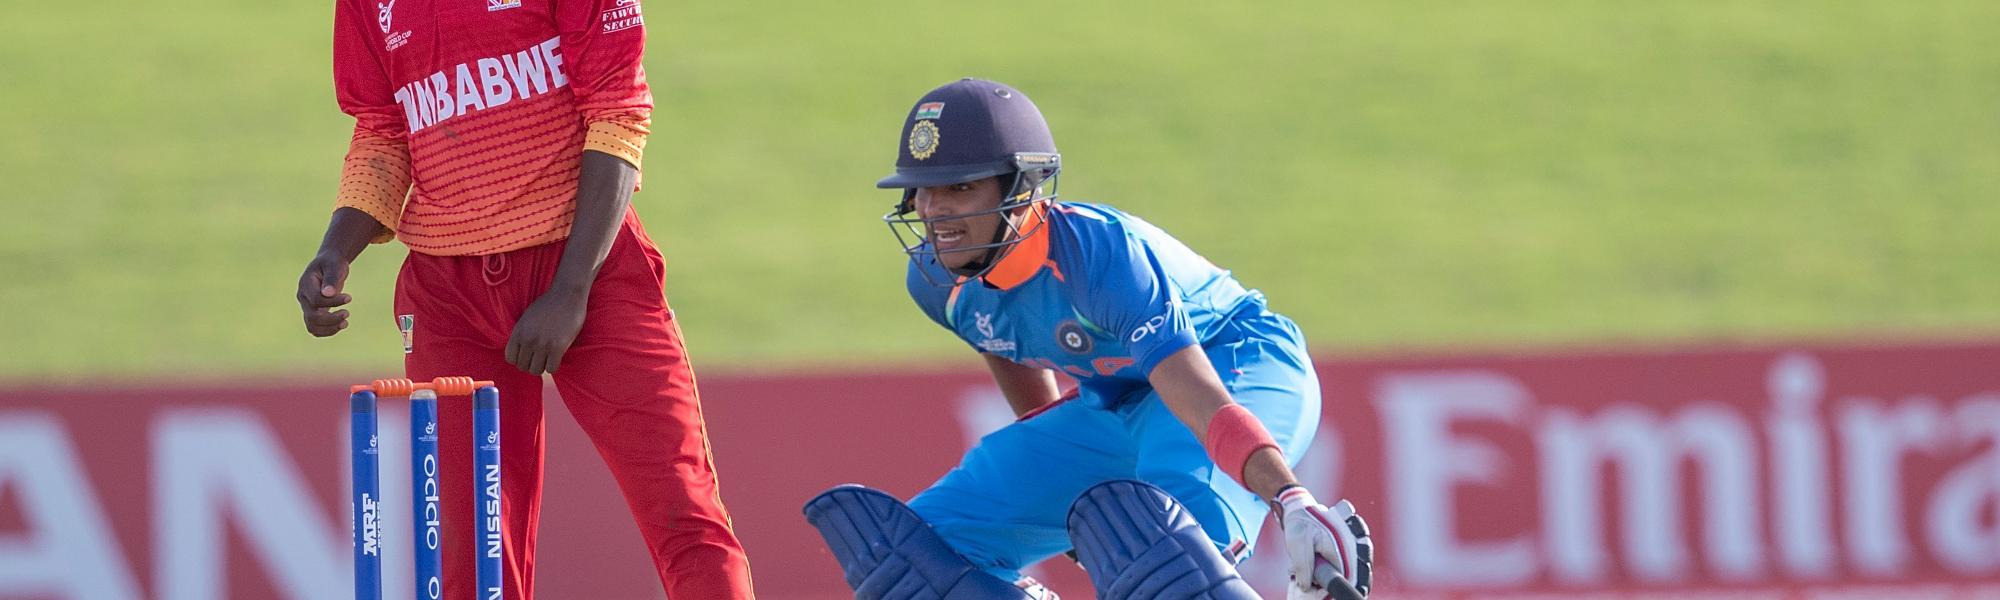 Shubman Gill of India batting